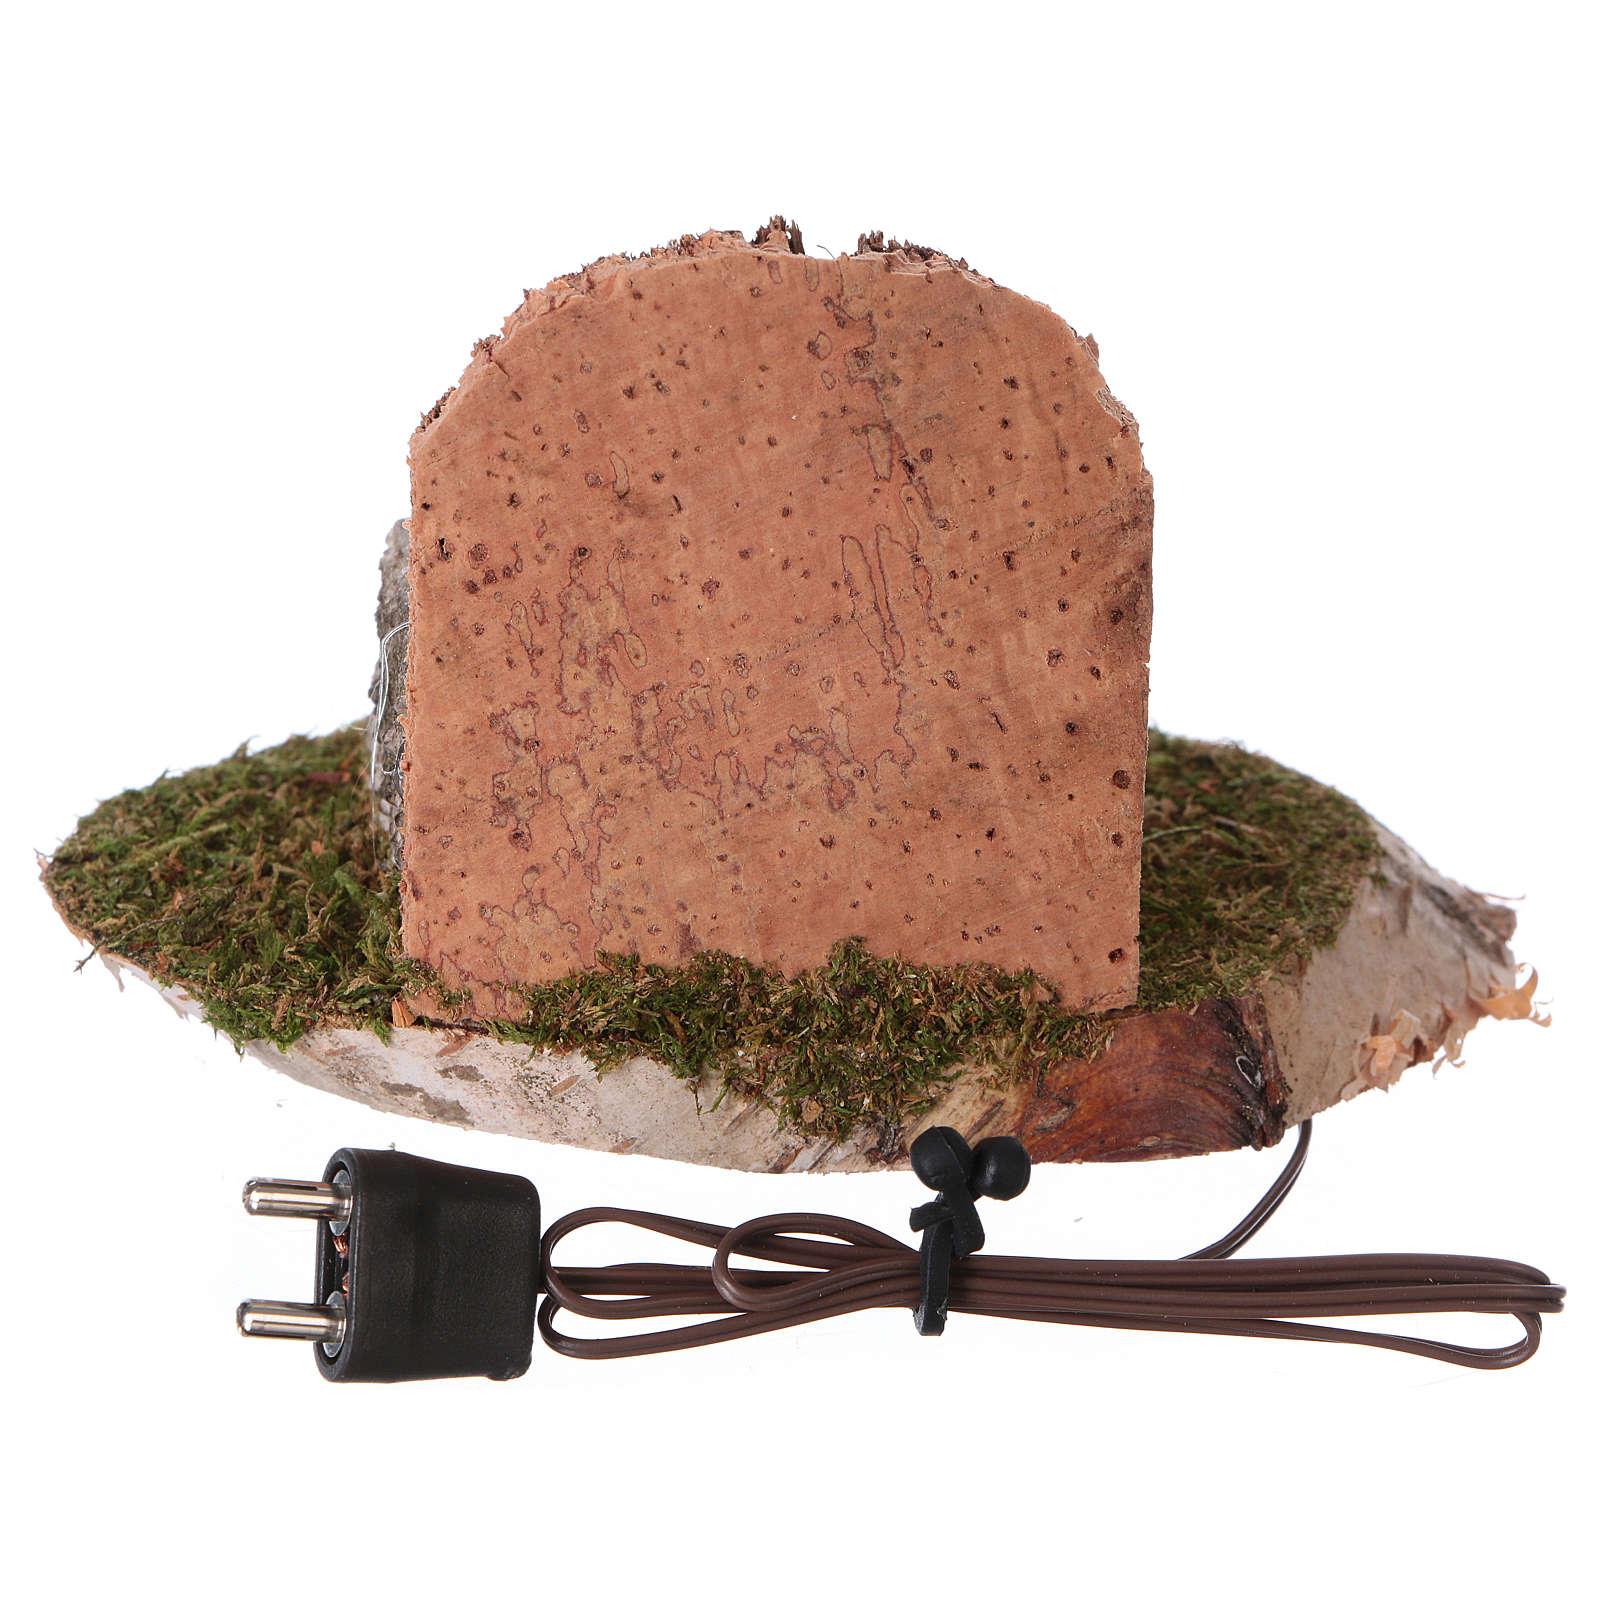 Pentola su fuoco con illuminazione elettrica 6x8x6 cm per presepi di 8-10 cm 4